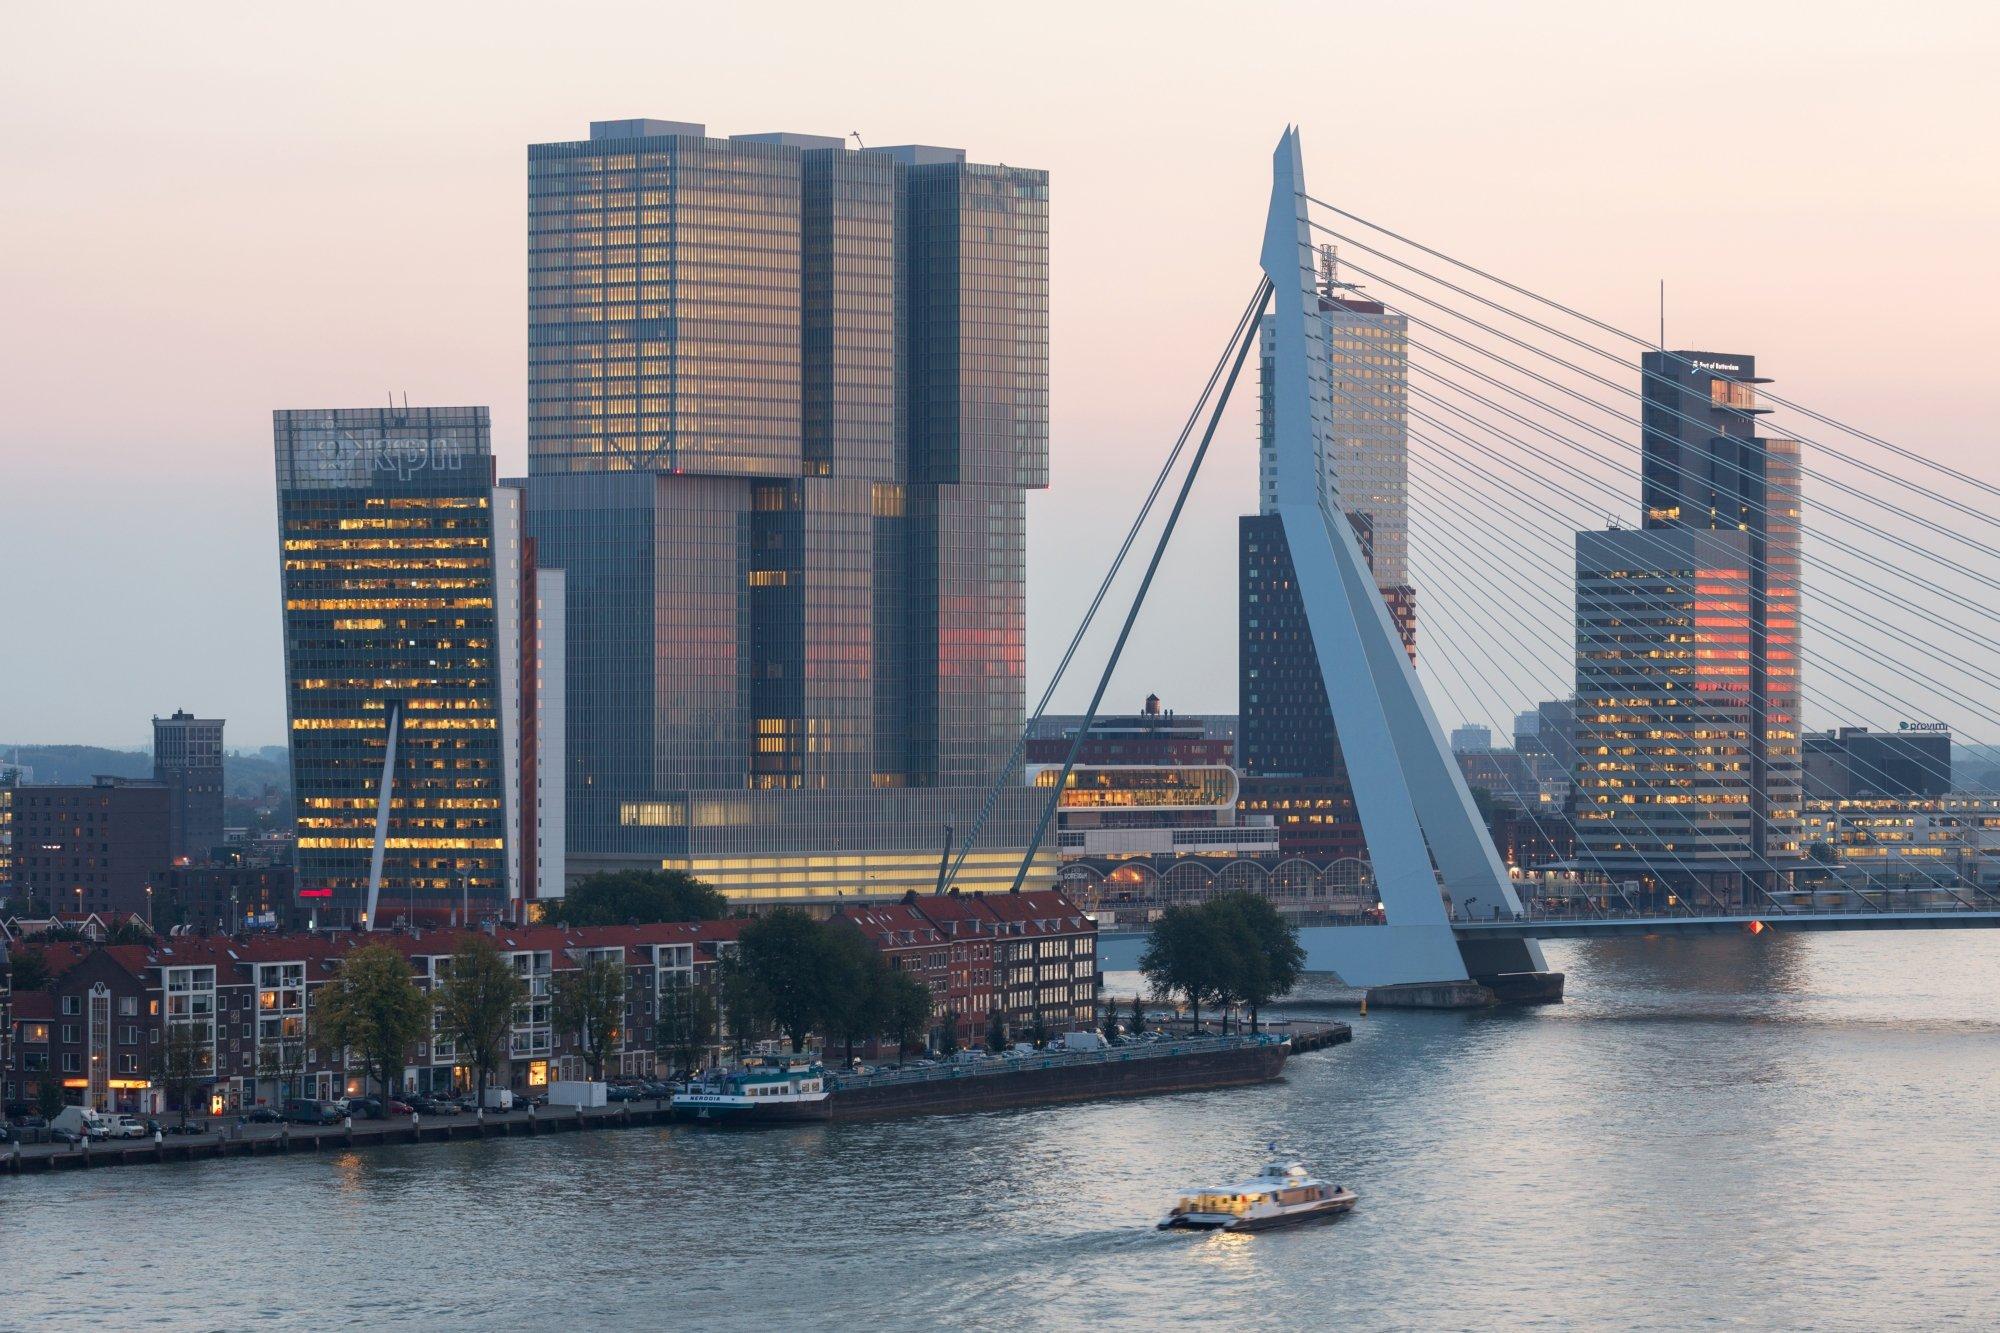 High Resolution Wallpaper | Rotterdam 2000x1333 px